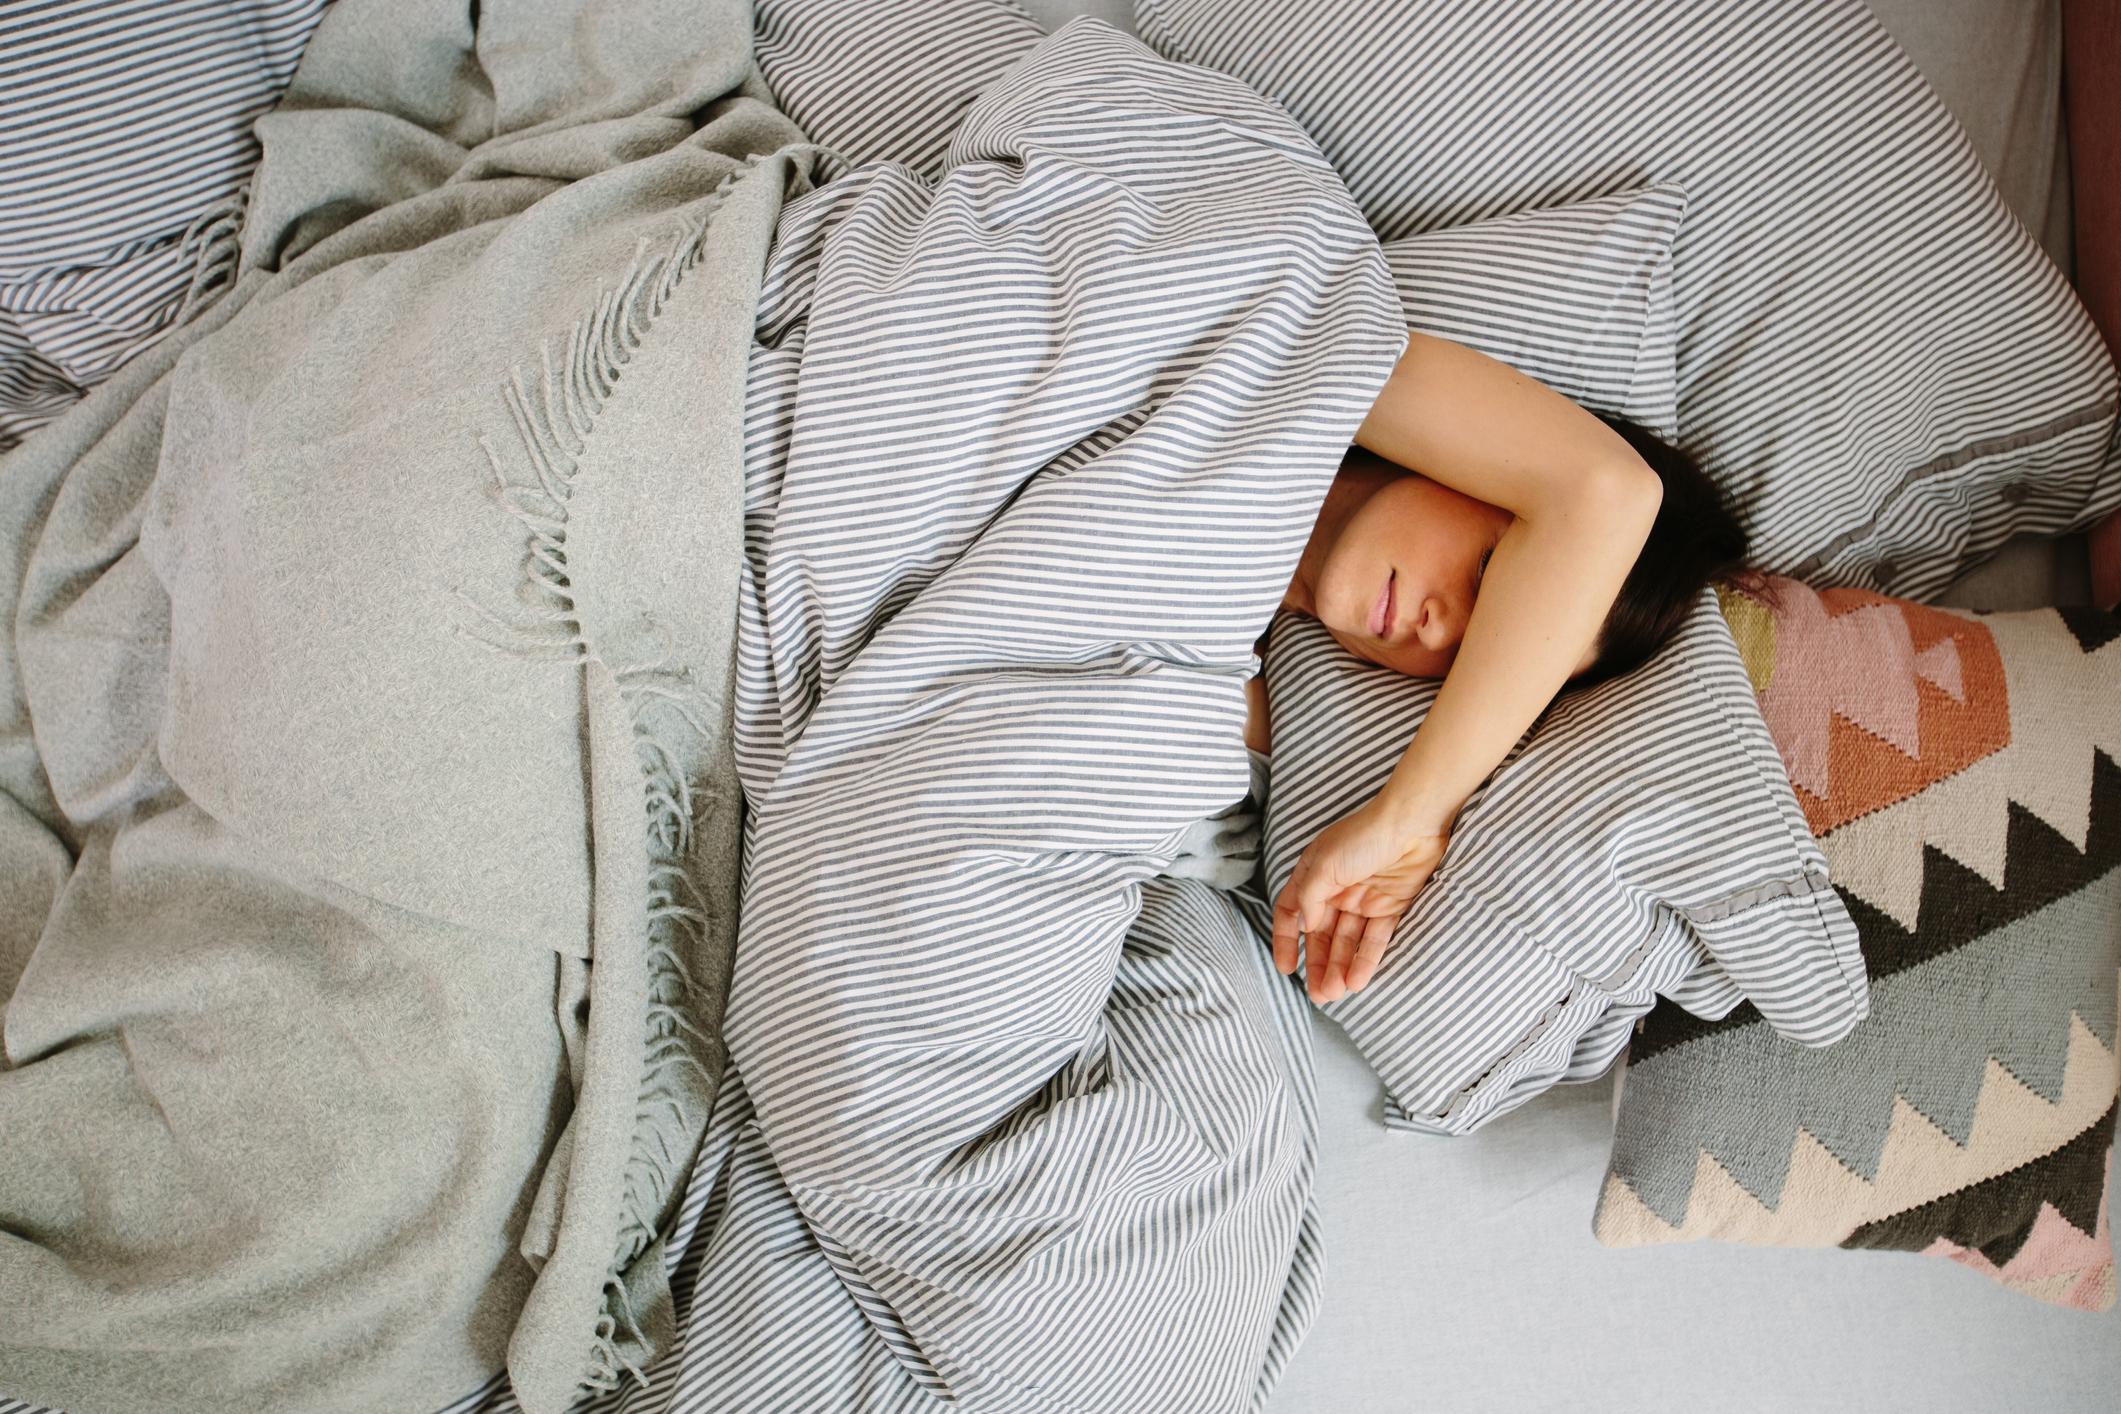 Egészségügyi problémák a gyerekkori alvászavarok hátterében | Kismamablog